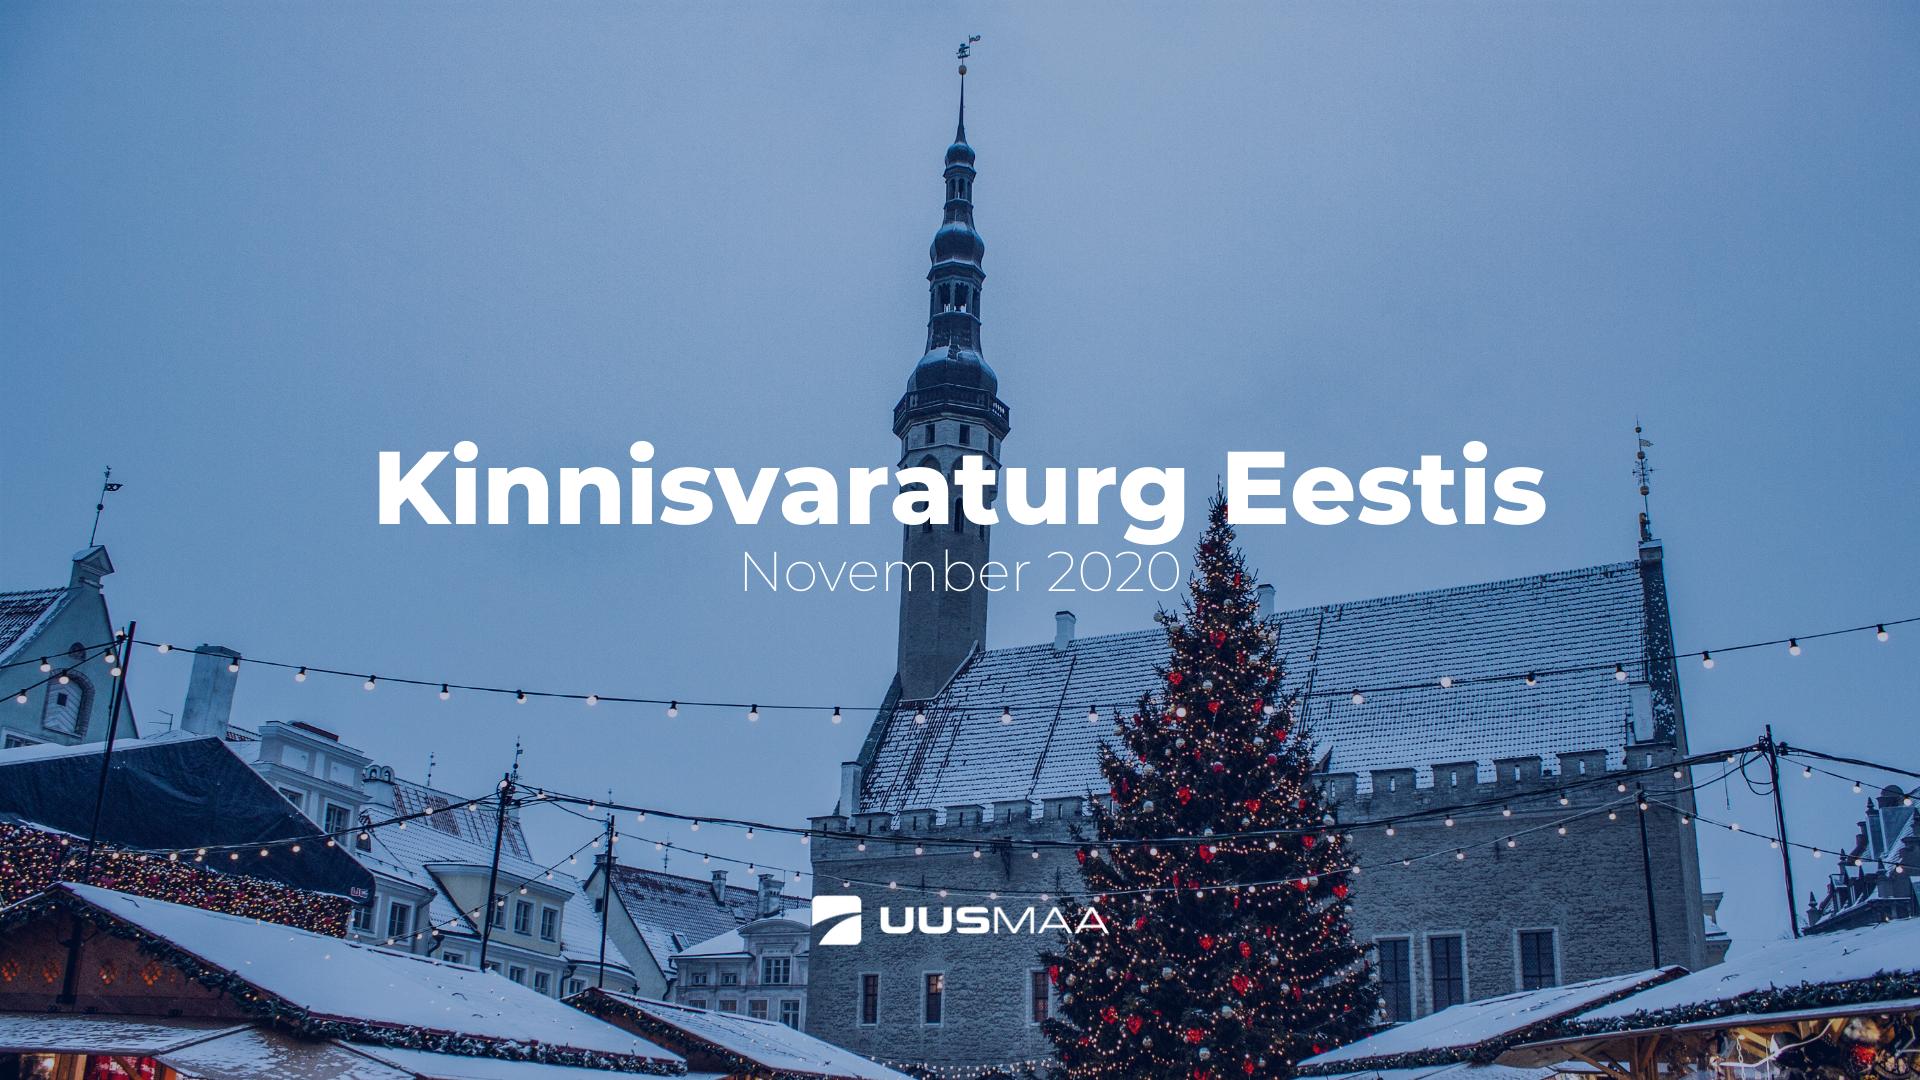 Kinnisvaraturg Eestis - Uus Maa Kinnisvarabüroo